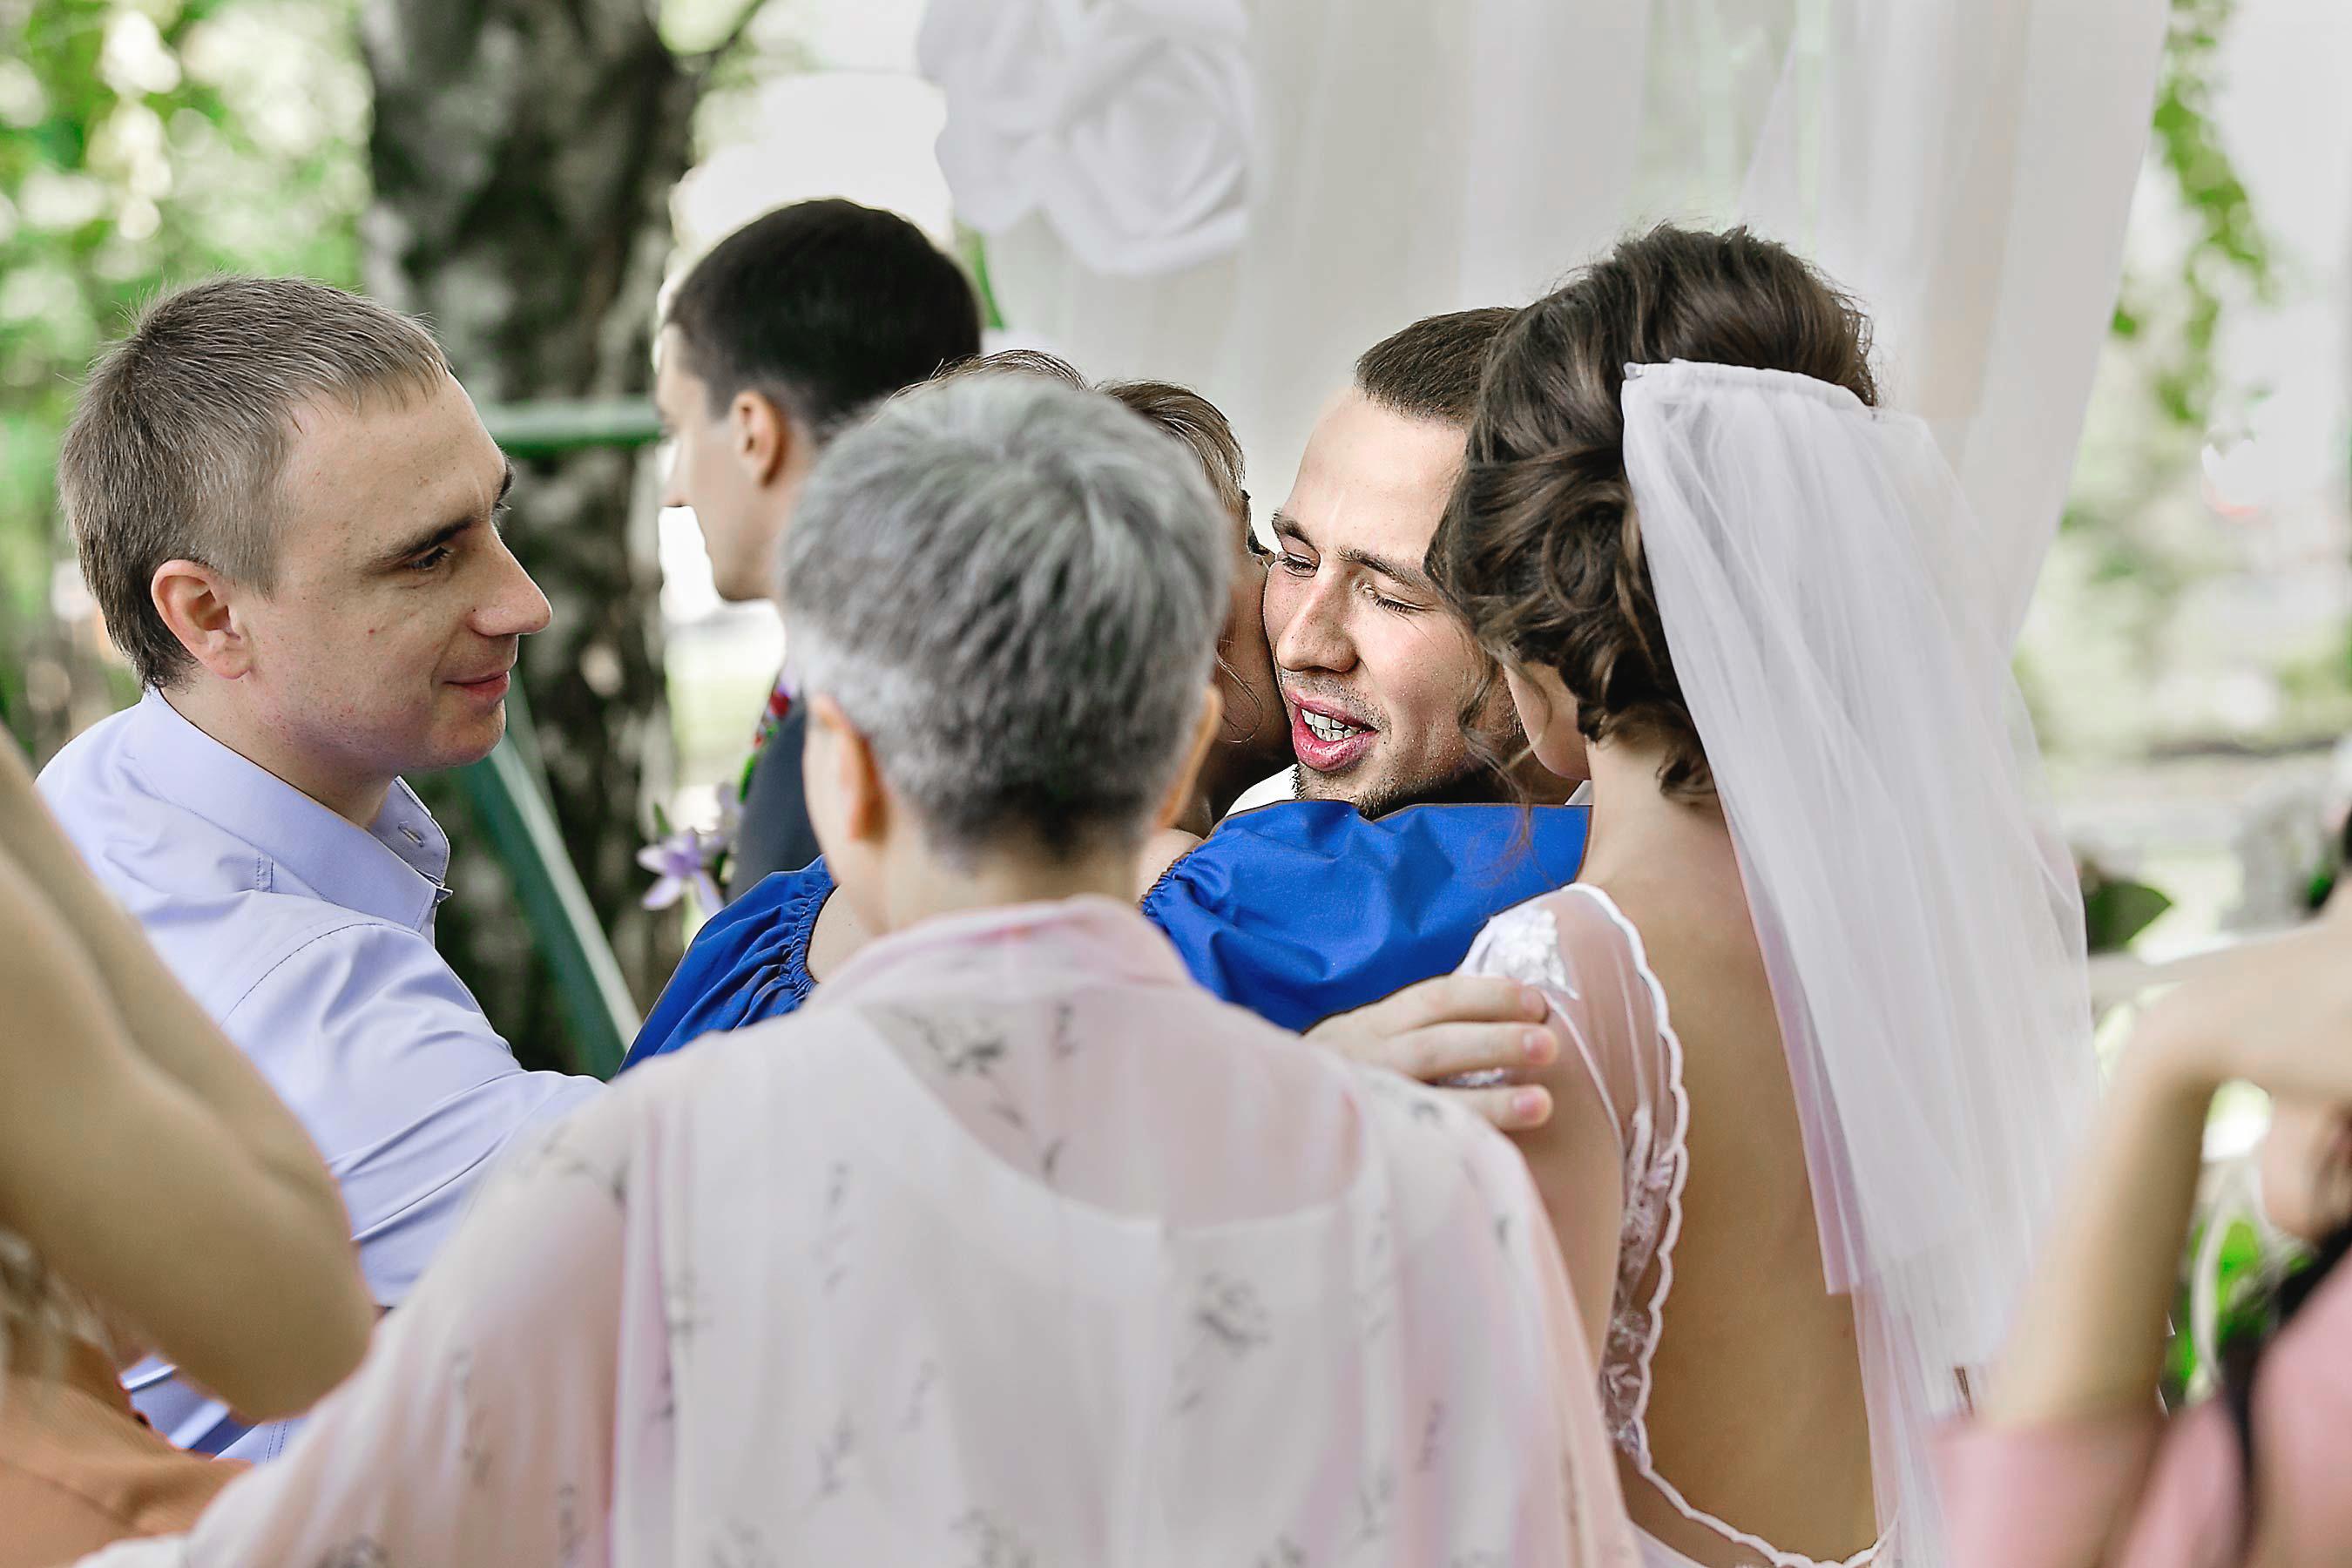 Русские свадьбы подсмотренное, Подглядывание за молодожёнами в спальне 24 фотография